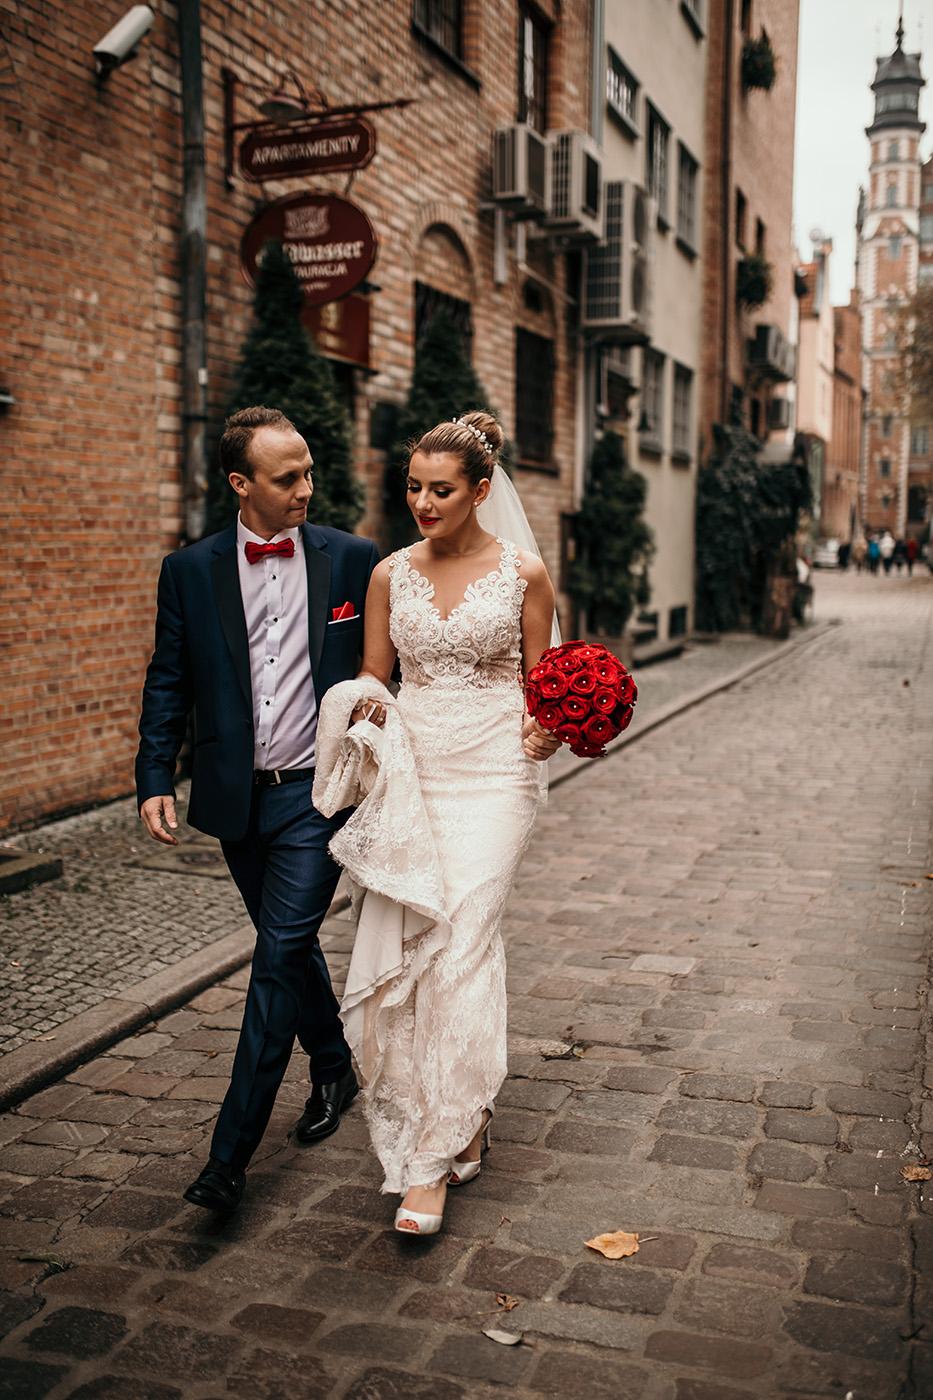 Ślub w Rezydencji Victoria - historia Julii i Stiana 79